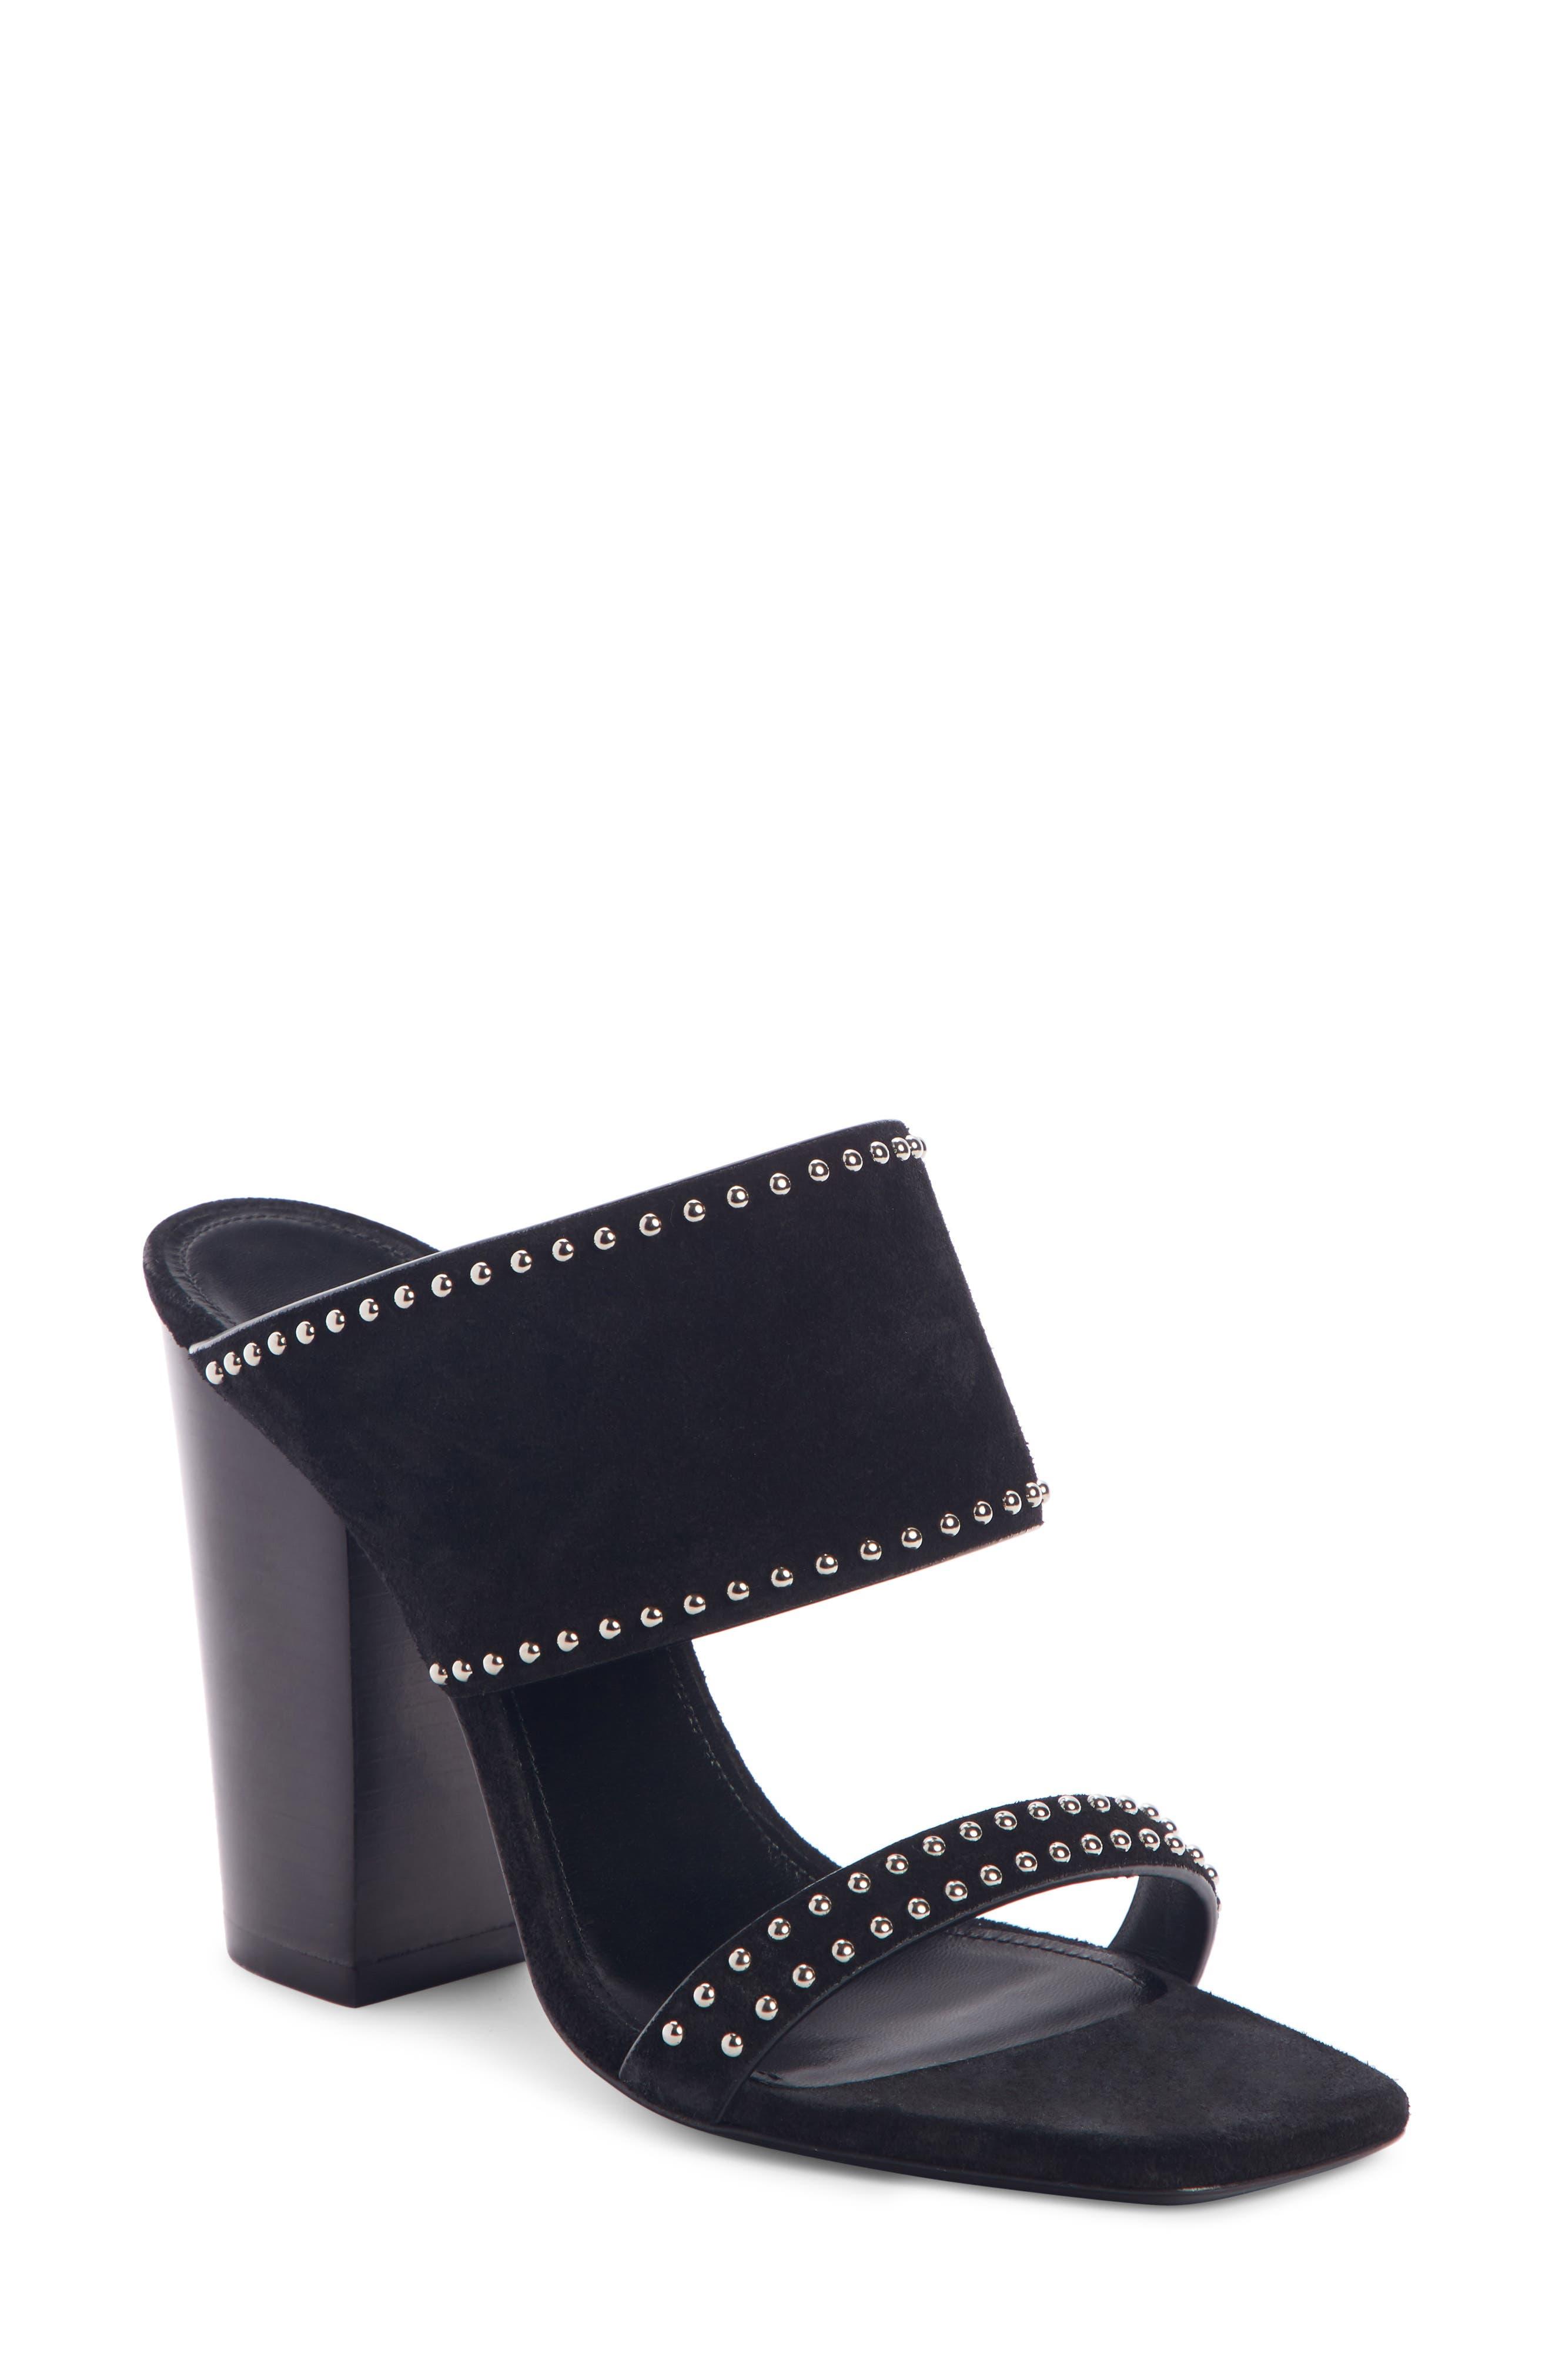 Saint Laurent Slippers Oak Double Band Mule Sandal